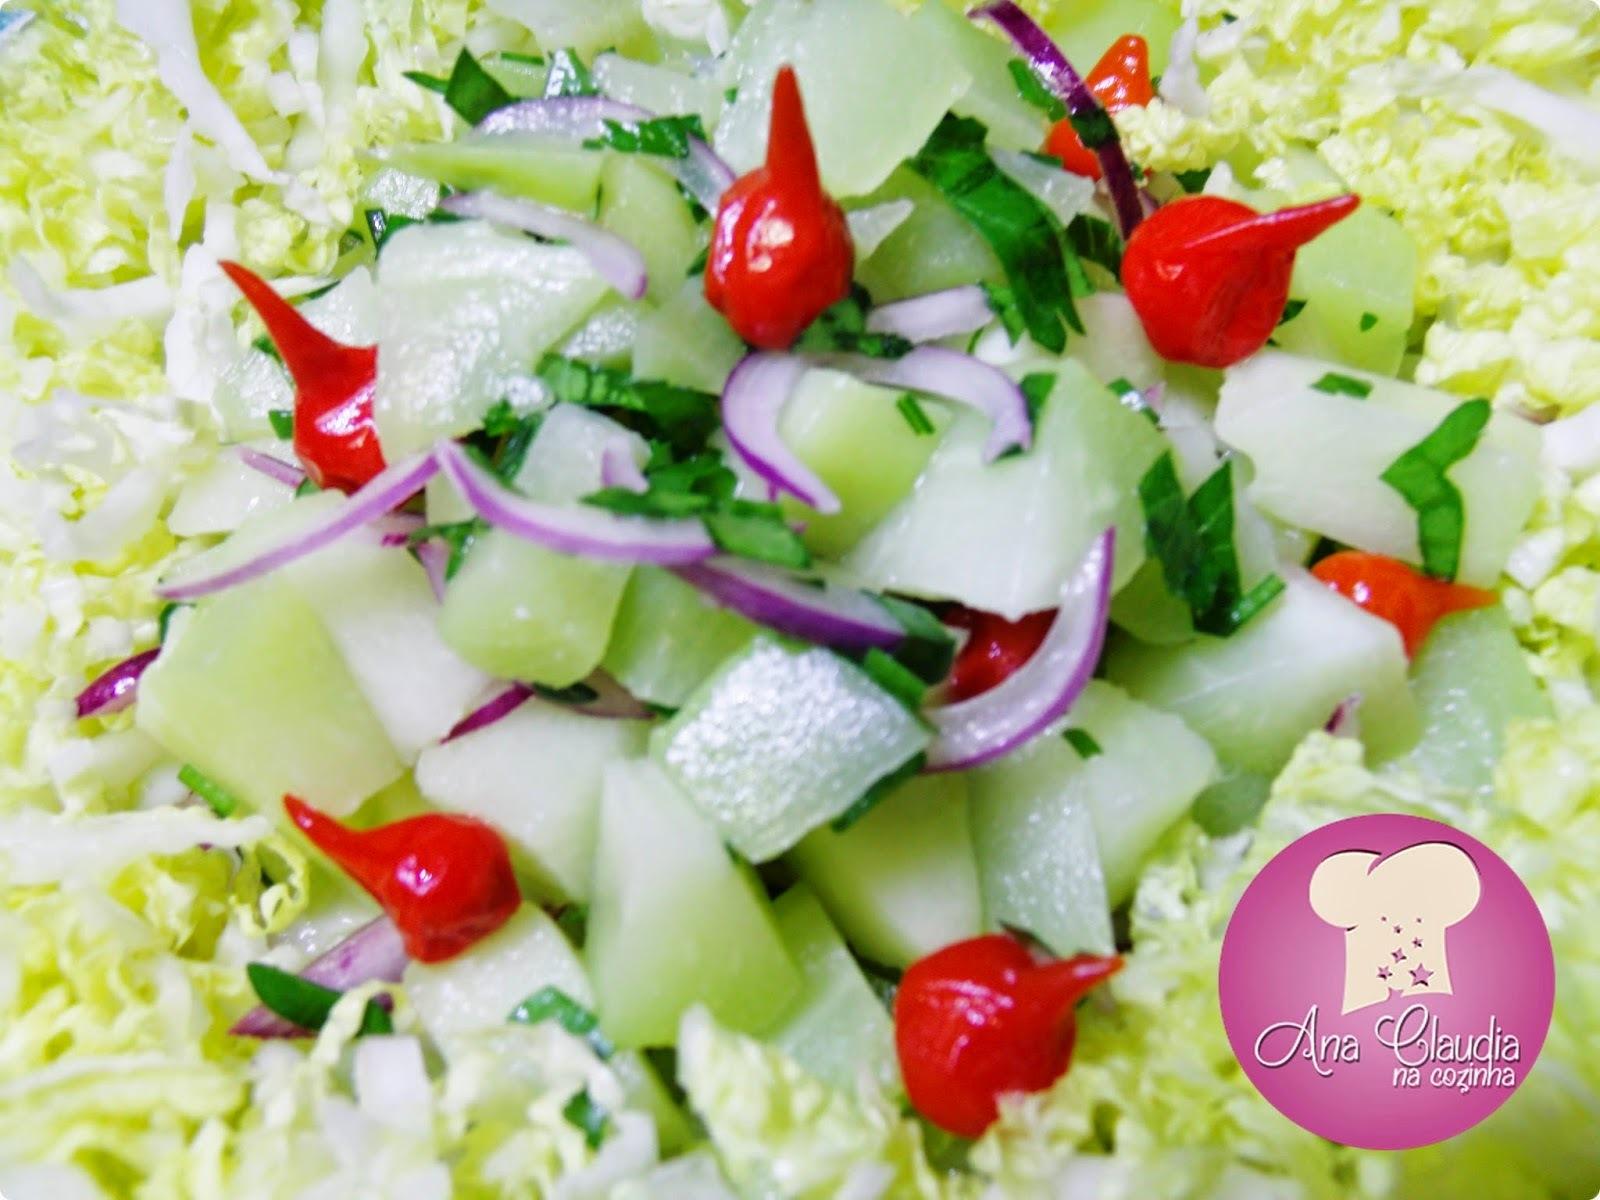 Salada de Chuchu, Pimenta Biquinho e Acelga